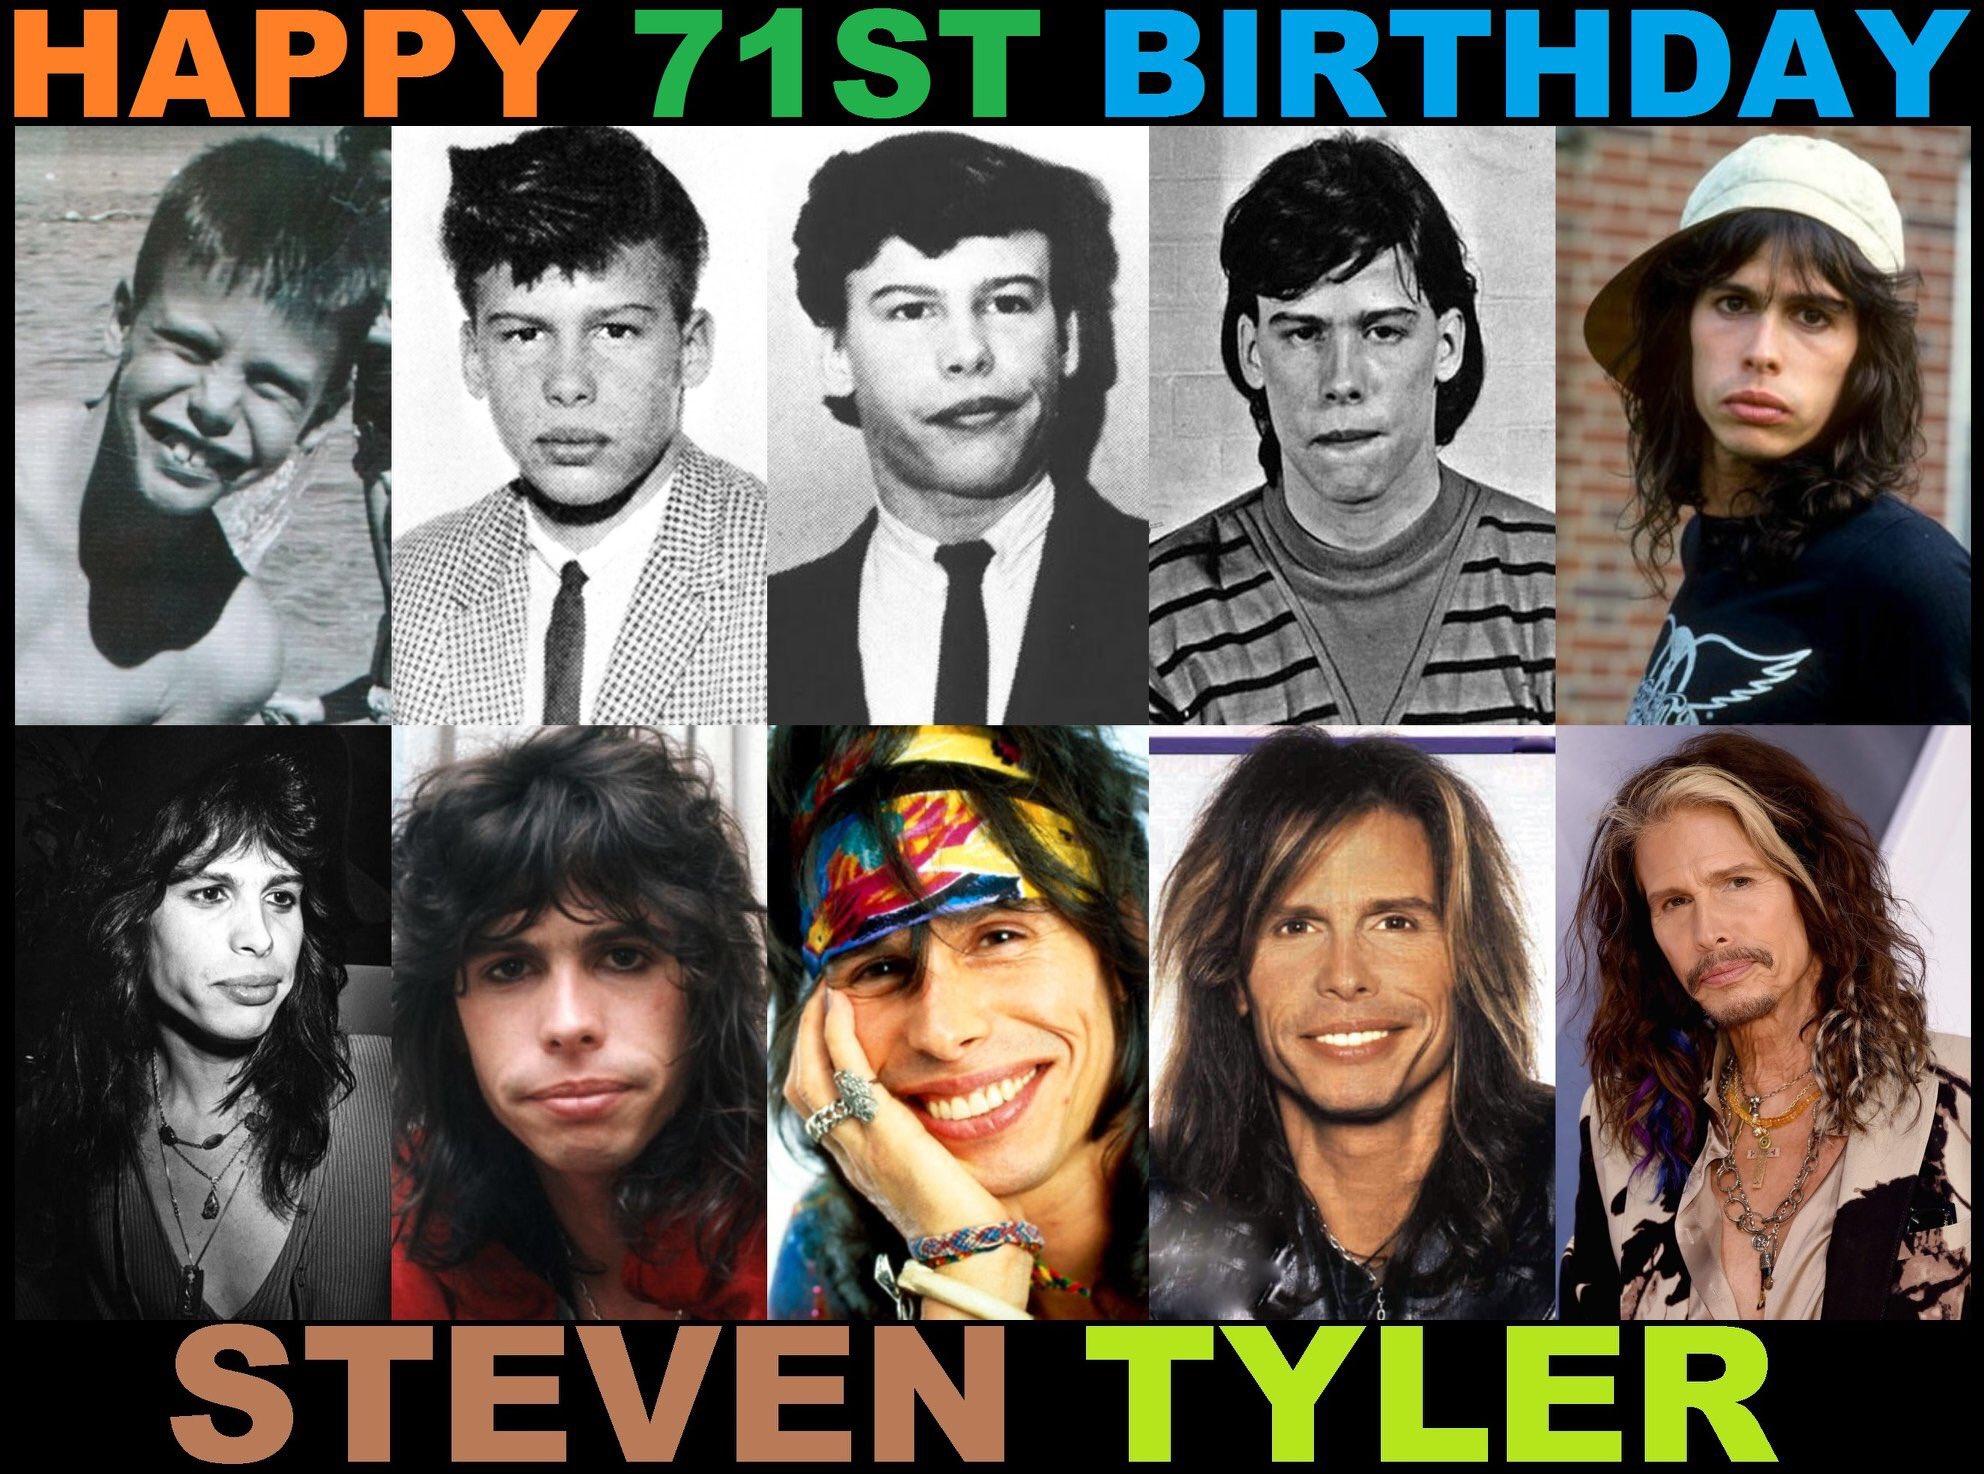 Happy 71st birthday, Steven Tyler Of Aerosmith!